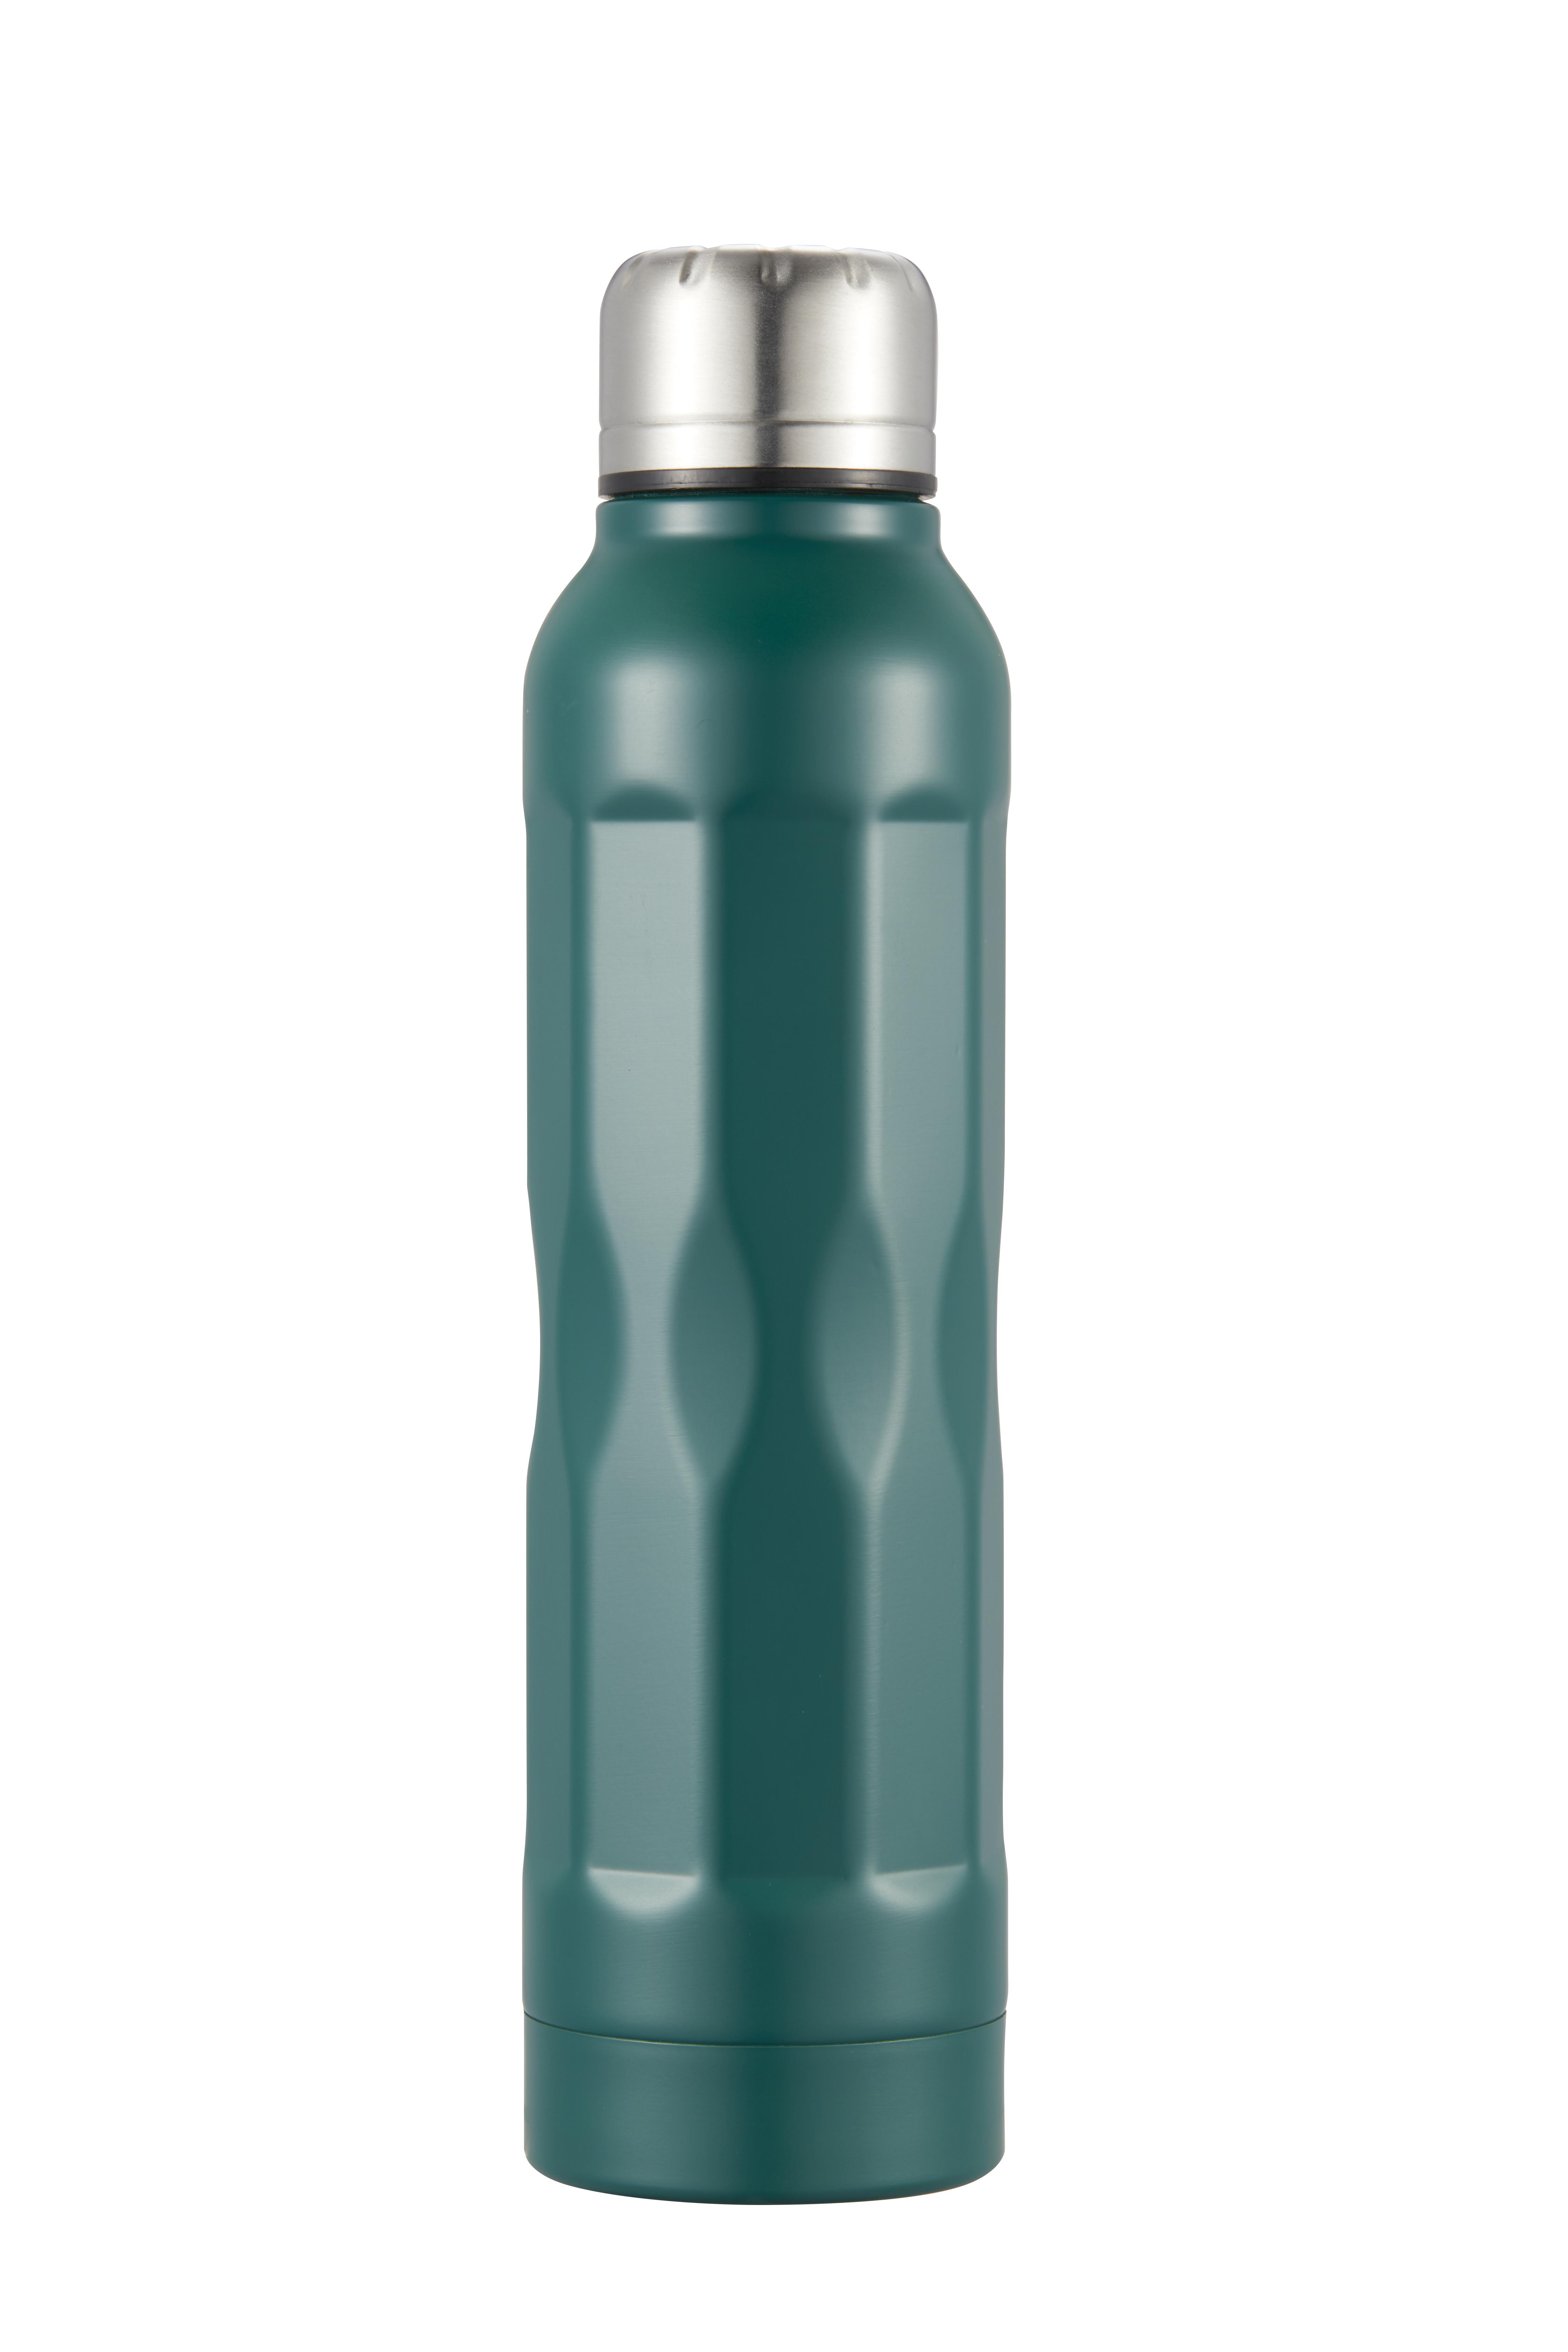 Tia Vakuumflaska mörkgrön rostfritt stål 35 dl